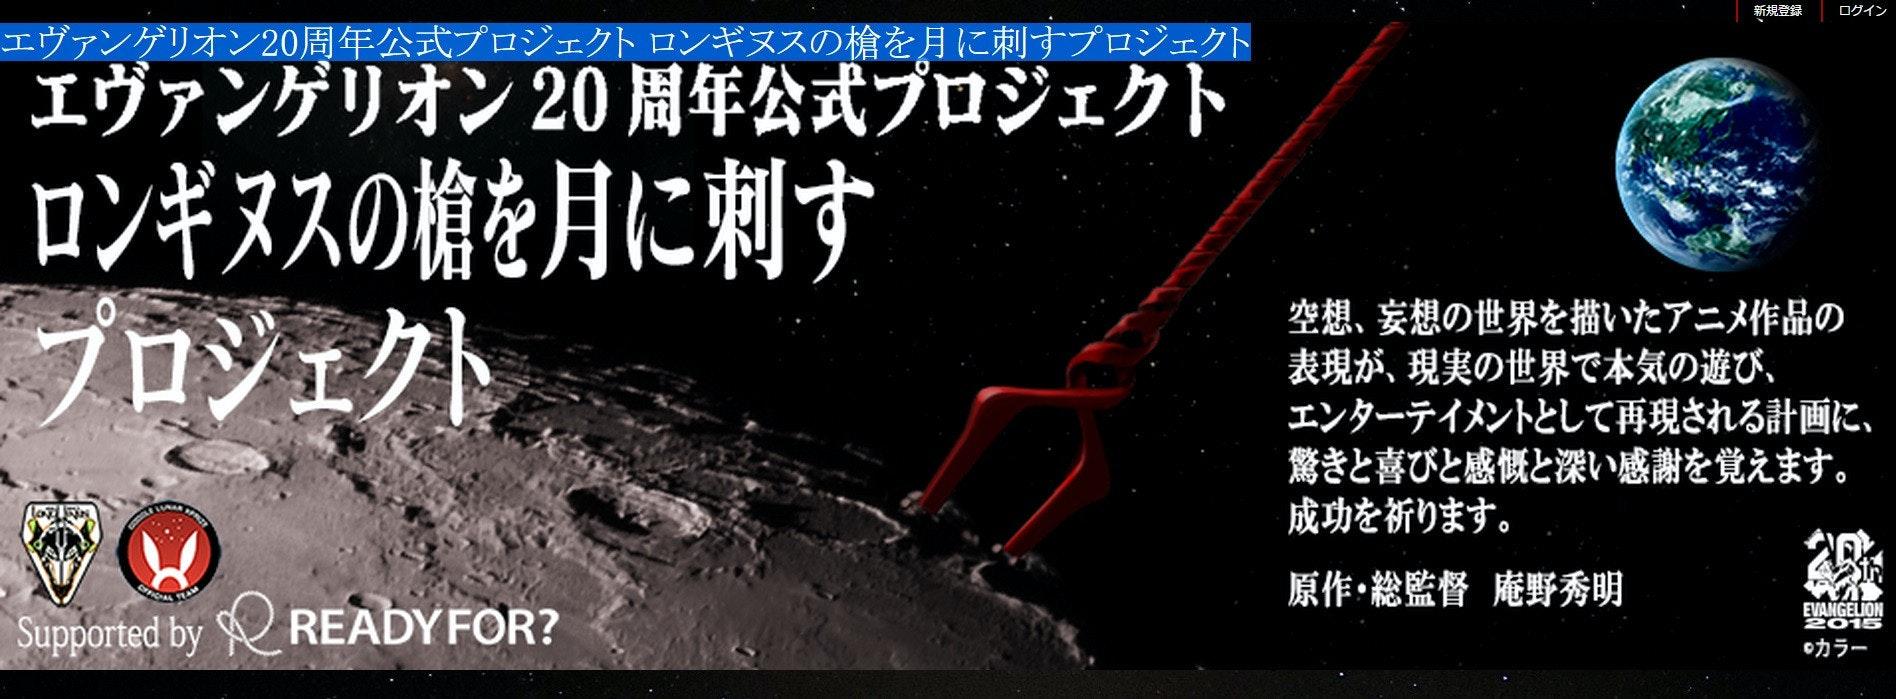 是一億日幣可以做甚麼?把新世紀福音戰士的朗基努斯之槍射上月球好像不錯?這篇文章的首圖